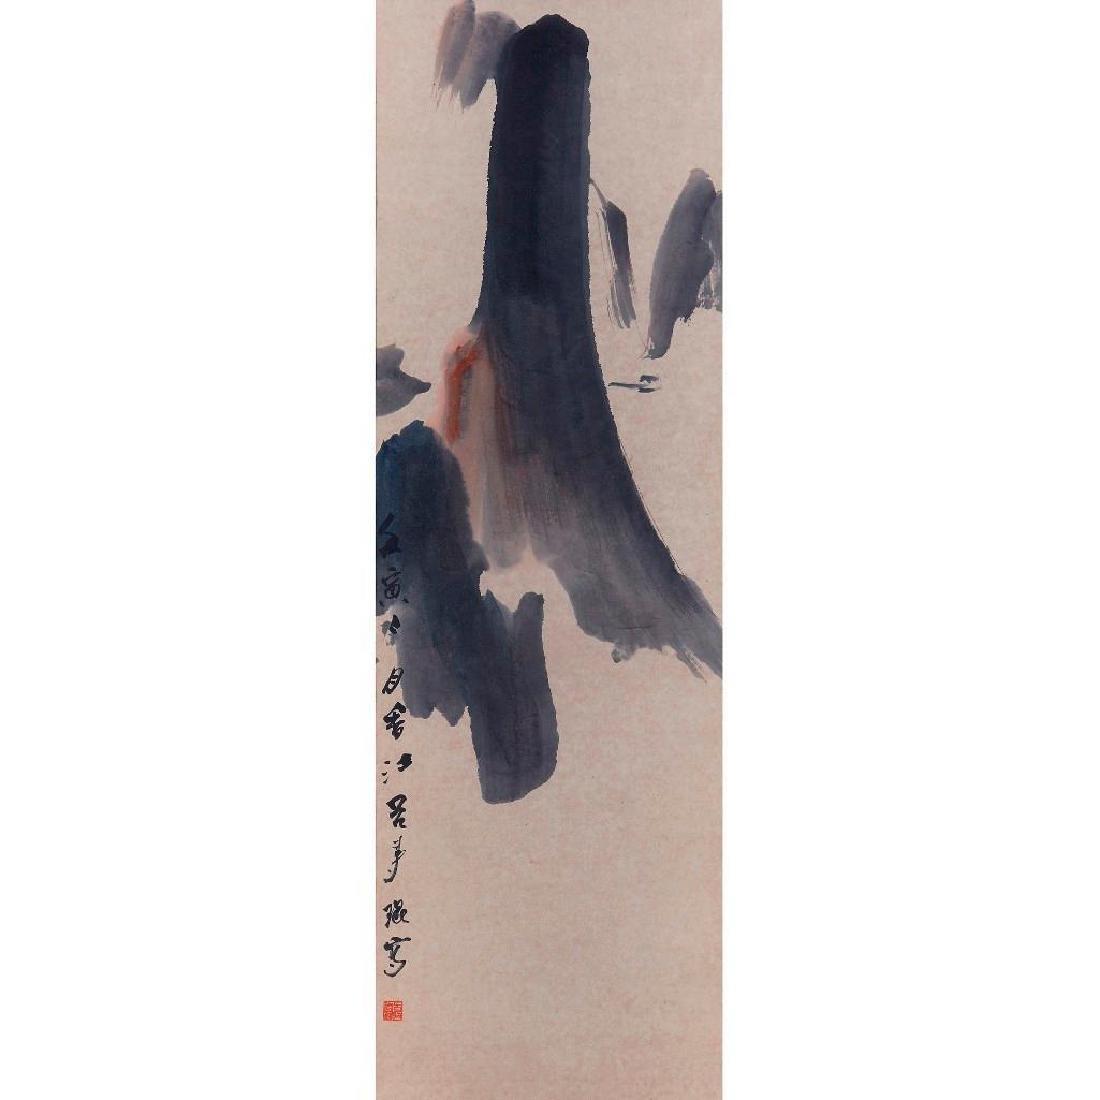 Lu Shoukun (Lui Shou-kwan, 1919-1975)